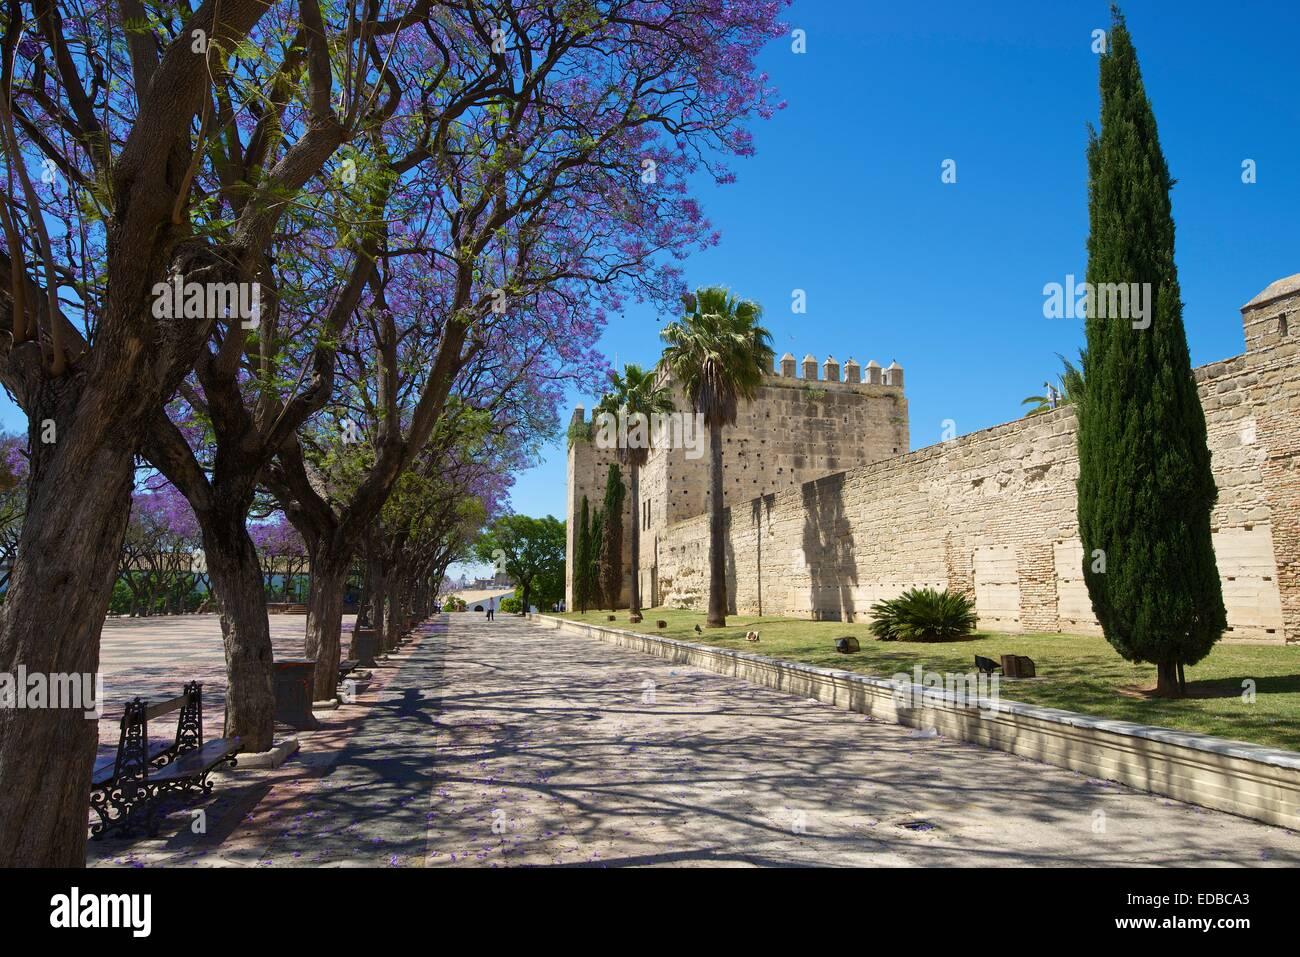 Alcazar de Jerez, Jerez De La Frontera, Andalusien, Spanien Stockbild